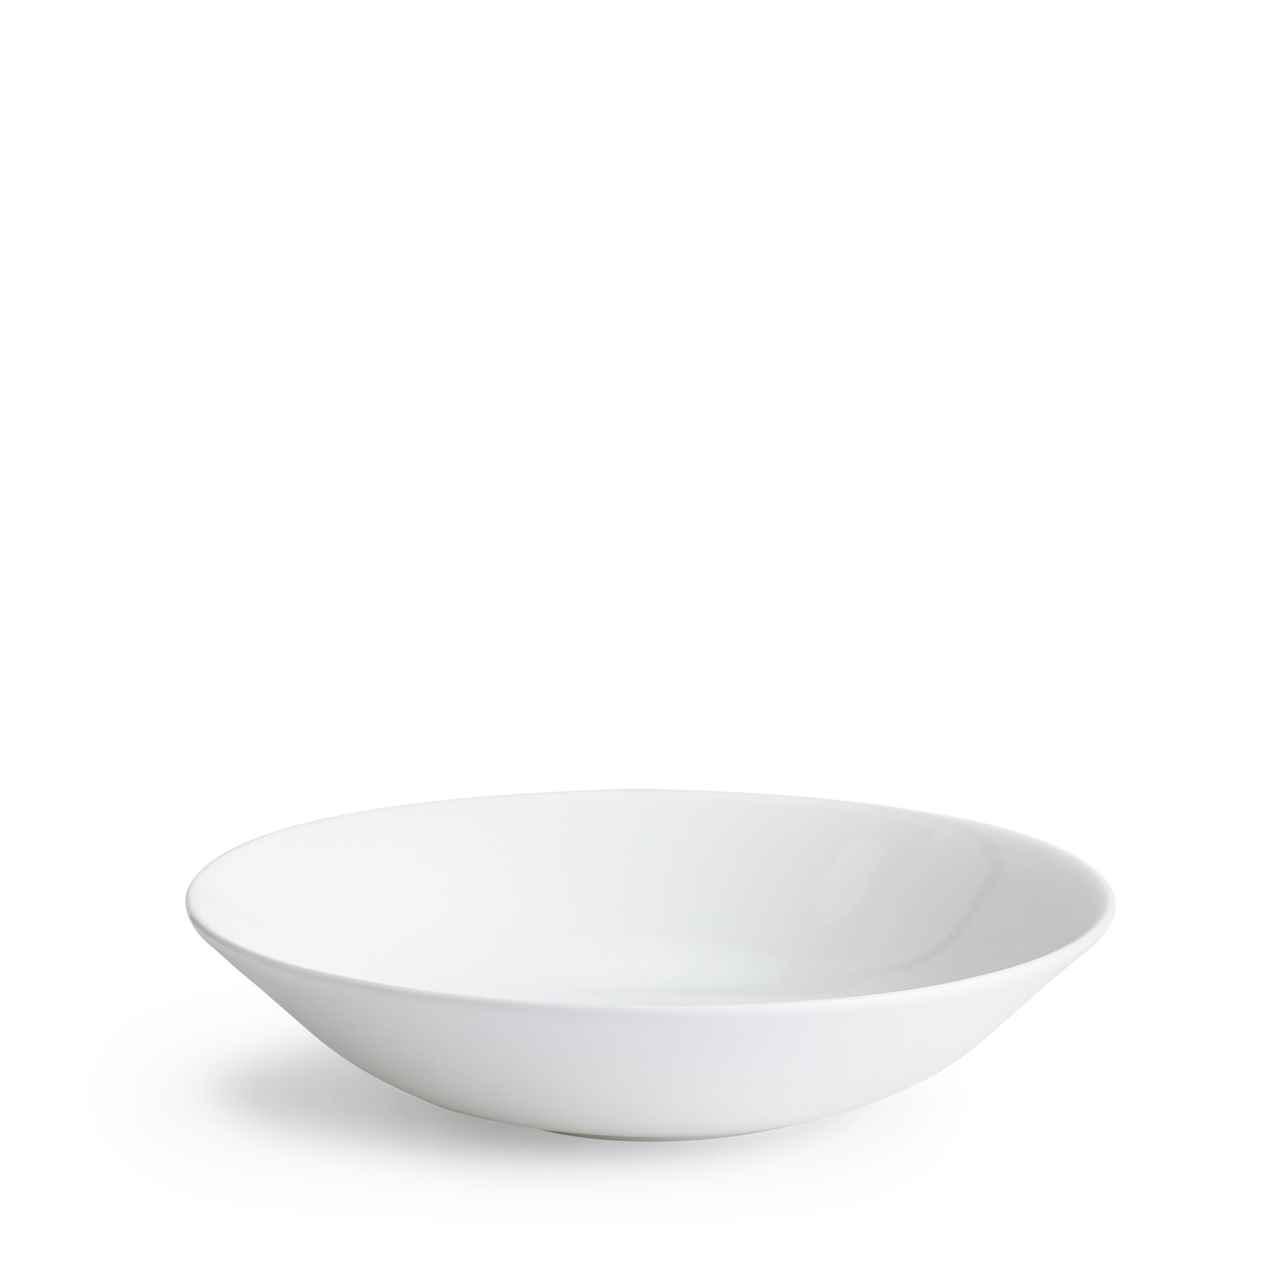 Jasper Conran White Cereal Bowl 20cm